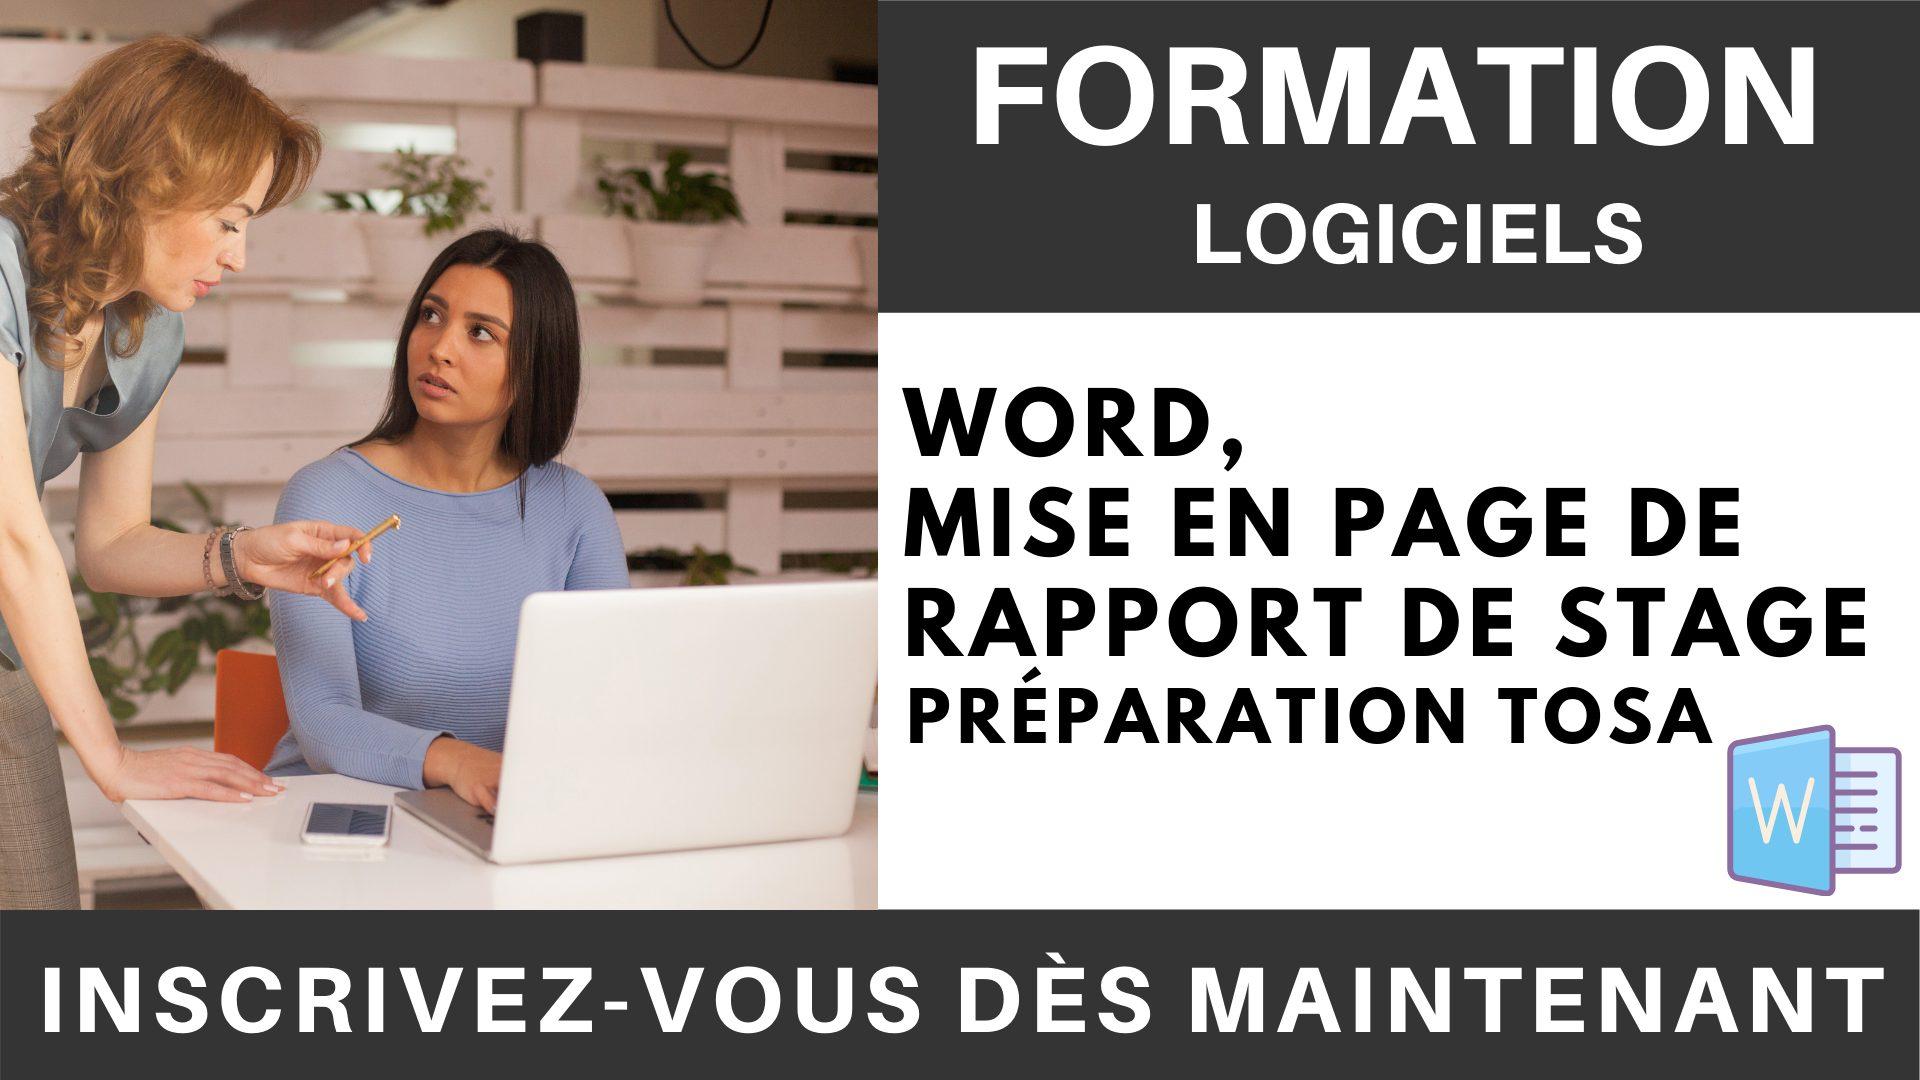 Formation LOGICIEL - Word, Mise en page de Rapport de stage - Préparation TOSA